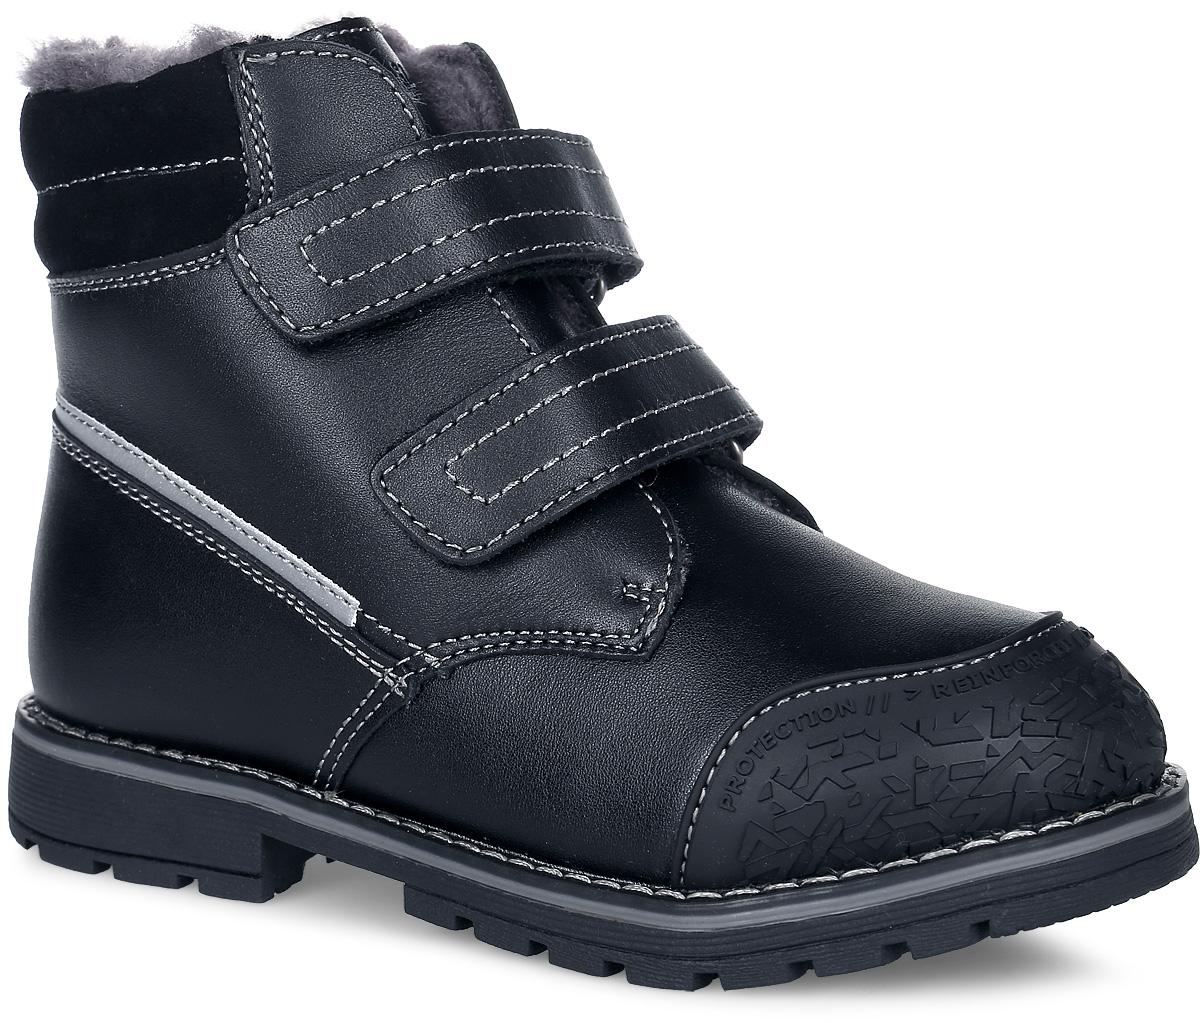 63233Стильные и теплые ботинки от Kapika заинтересуют вашего мальчика с первого взгляда. Ботинки полностью выполнены из натуральной кожи и оформлены контрастной прострочкой. Носовая часть дополнена уплотнителем для уменьшения износа обуви. Мягкий кант создает комфорт при ходьбе и предотвращает натирание ножки ребенка. Ярлычок на заднике облегчит надевание модели. Язычок оформлен тисненой надписью с названием бренда. Внутренняя поверхность и стелька изготовлены из натуральной овечьей шерсти, которая обеспечит тепло и комфорт. Подошва изготовлена из прочного ТЭП-материала, а ее рифленая поверхность гарантирует отличное сцепление с любой поверхностью. Такие практичные ботинки займут достойное место в гардеробе вашего ребенка.